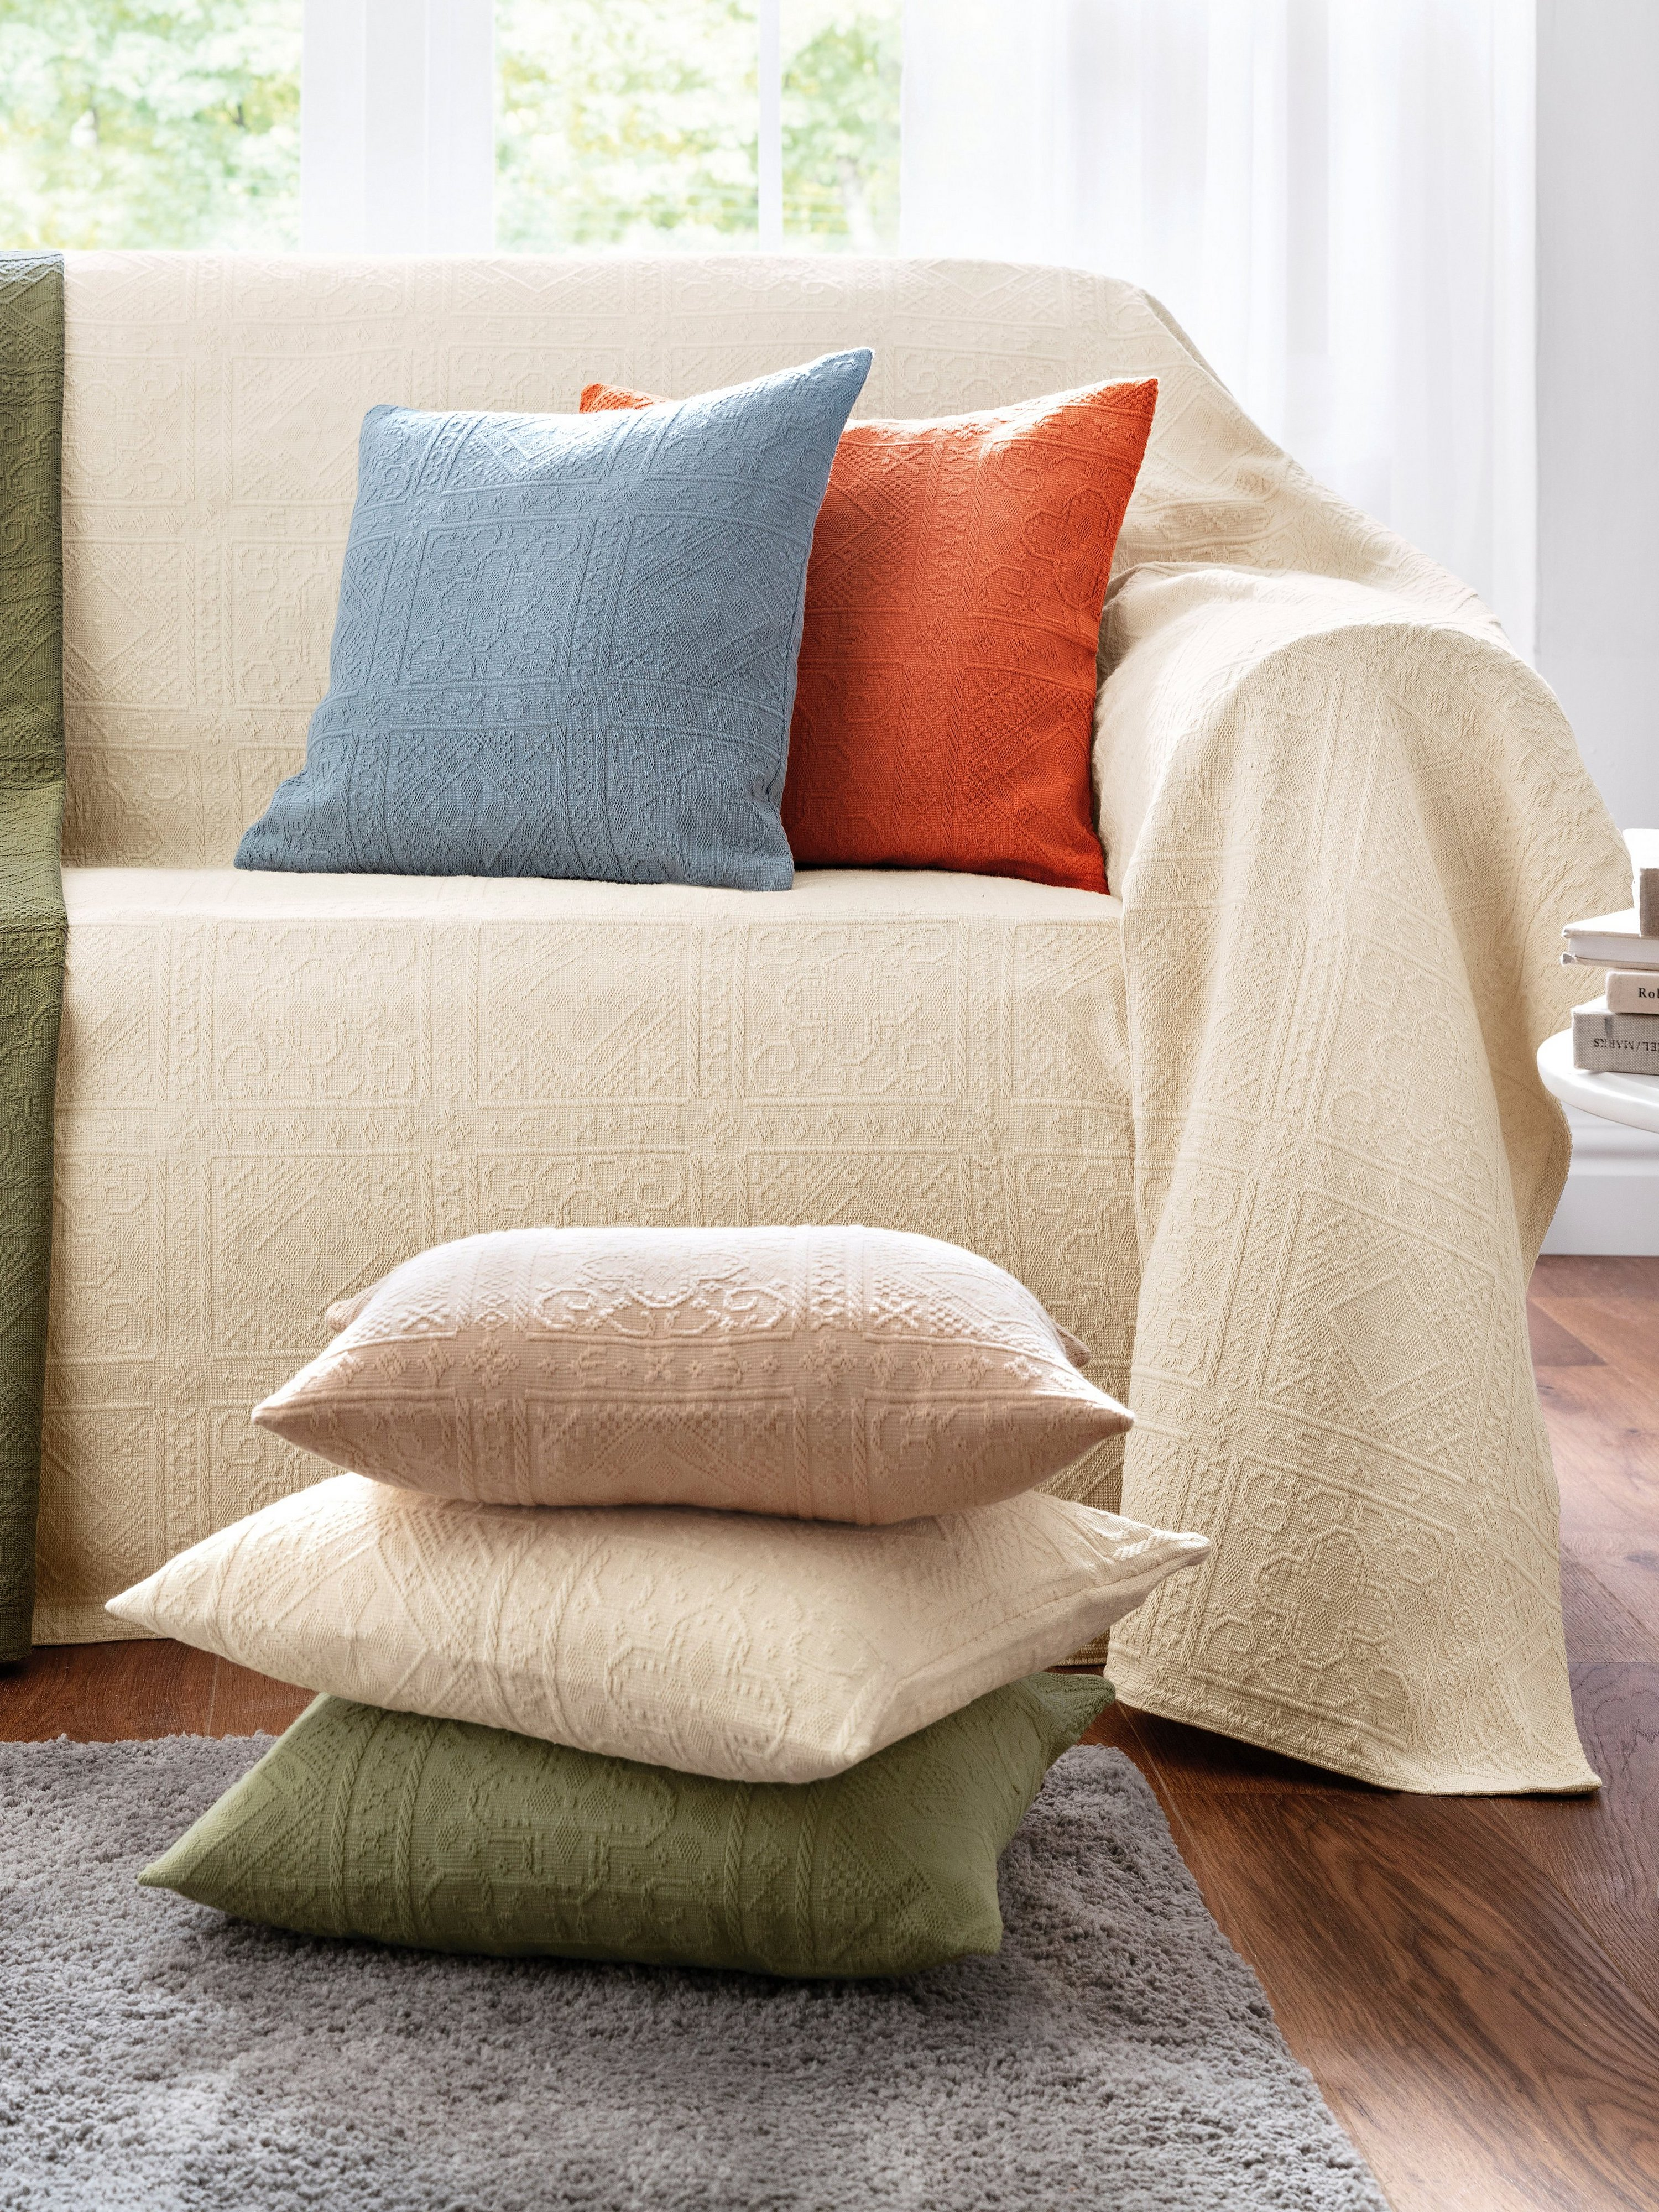 Foulard voor bank en bed ca. 160x270 cm Van Peter Hahn groen